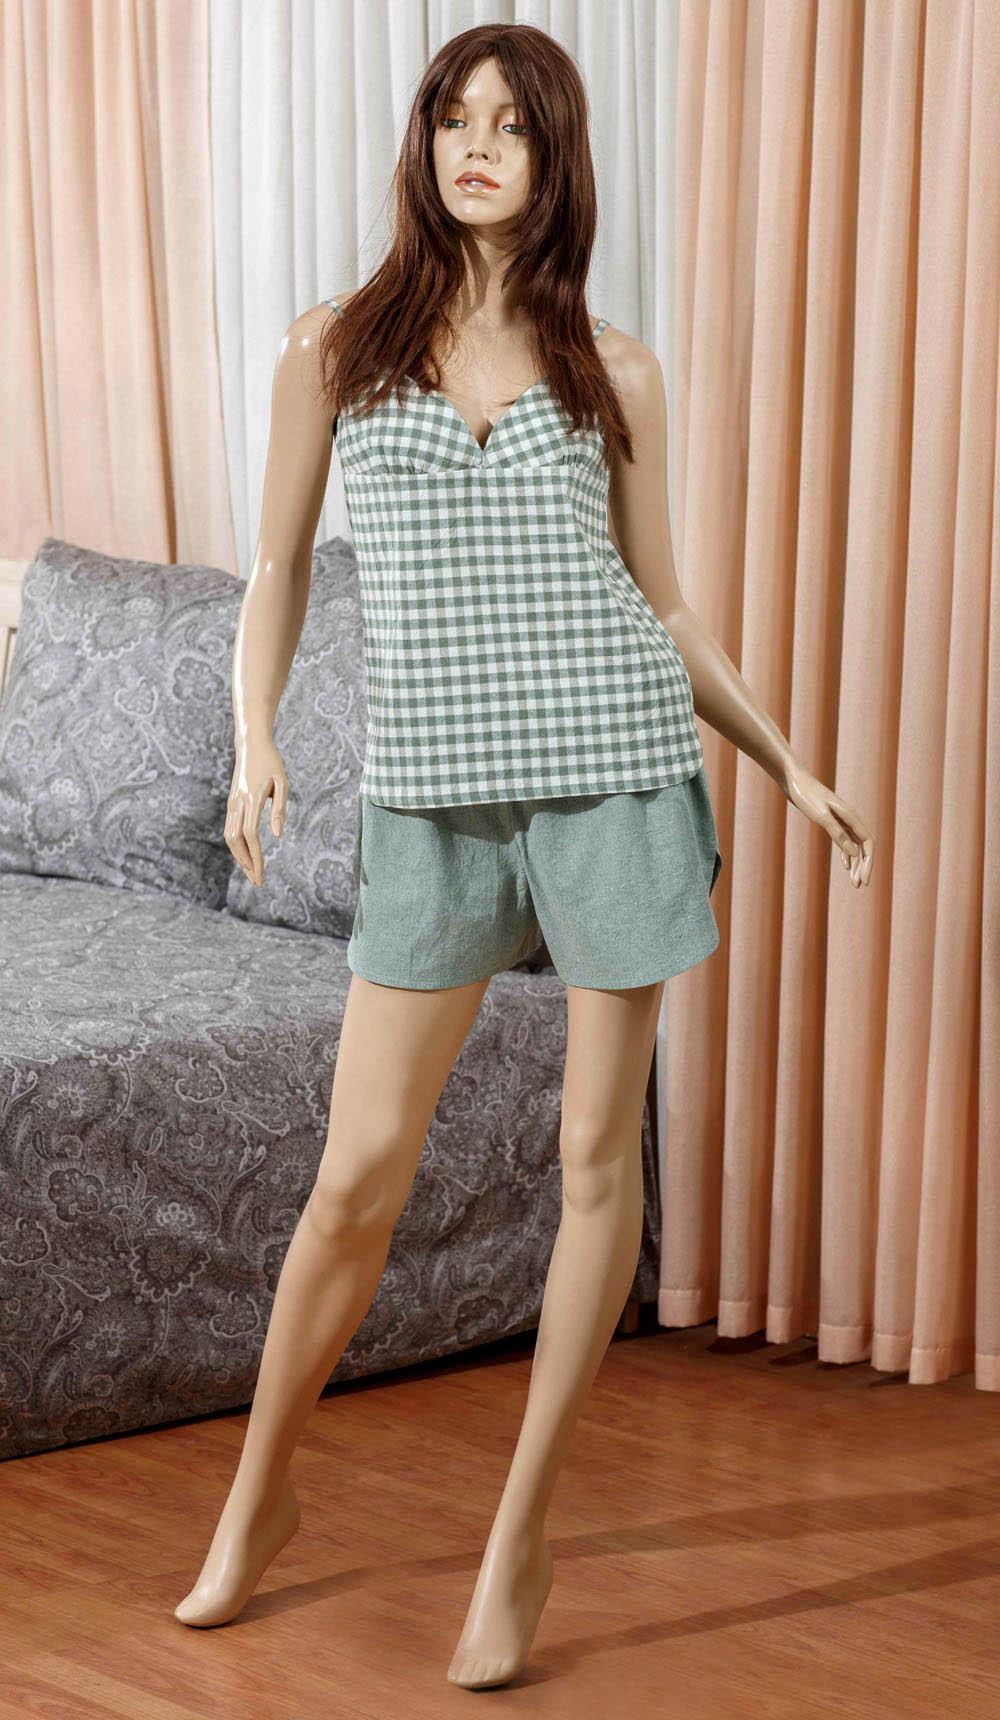 Брюки Primavelle Одежда для дома Vera Цвет: Зеленый (S-M) футболки primavelle одежда для дома vera цвет зеленый m l